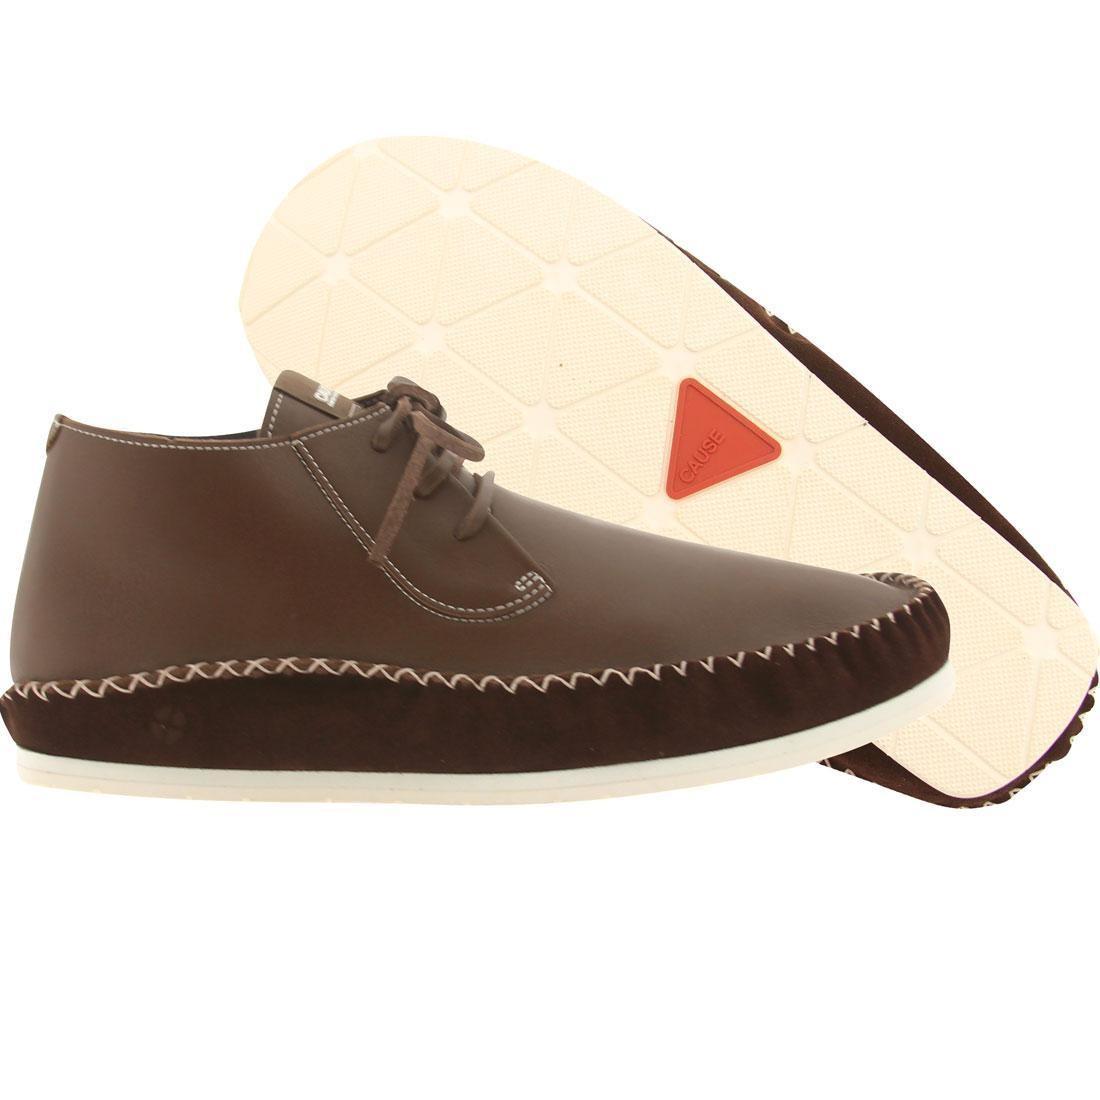 【海外限定】ウェーブ ウェイブ モカシン メンズ靴 靴 【 WAVE CAUSE MOCCASIN BROWN 】